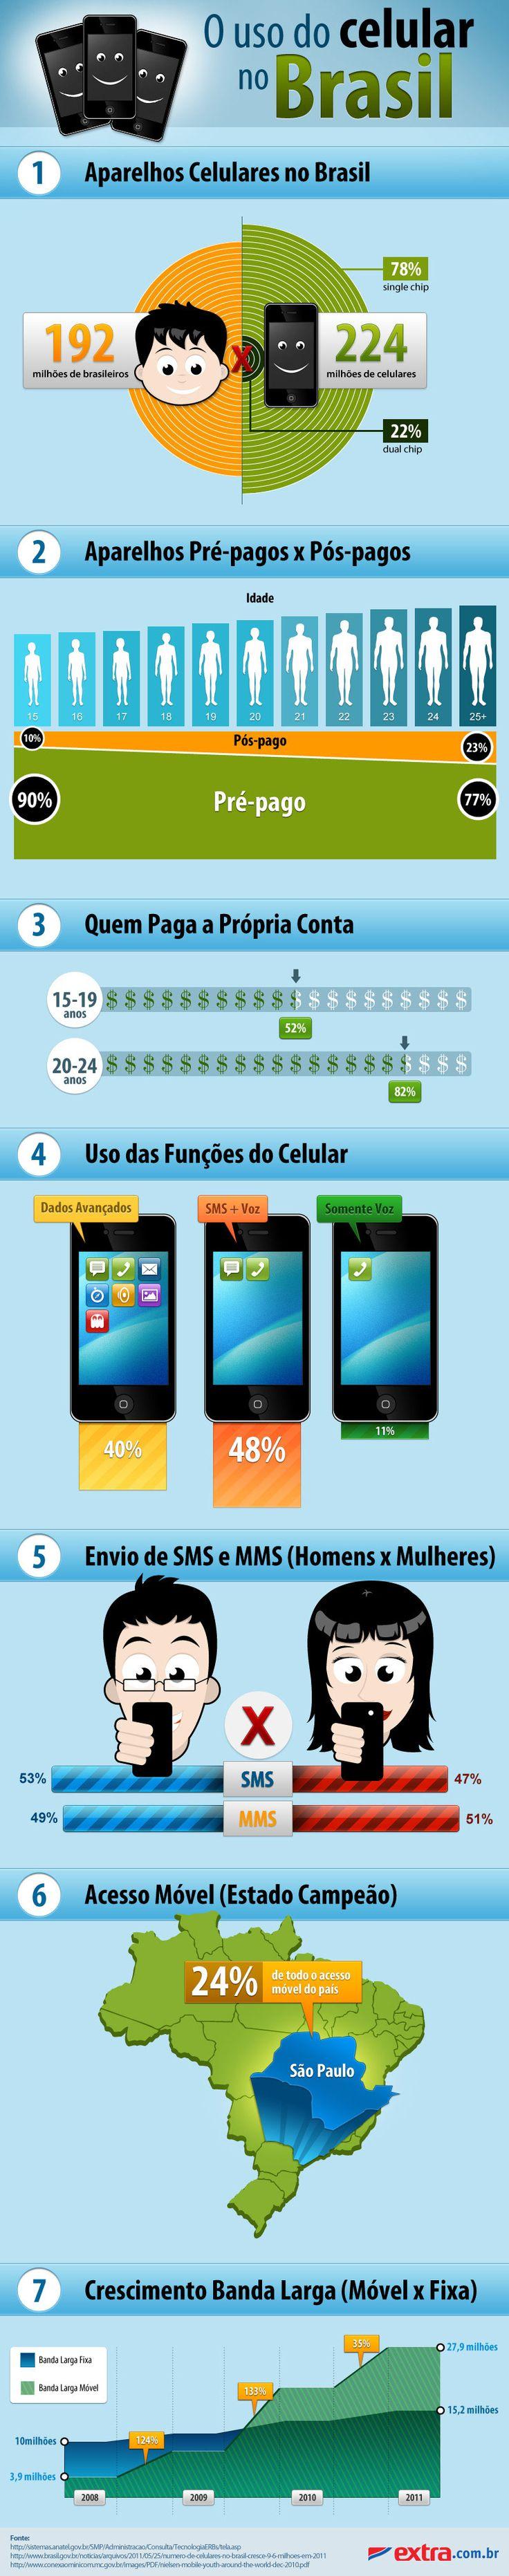 [Infográfico] O uso do celular no Brasil